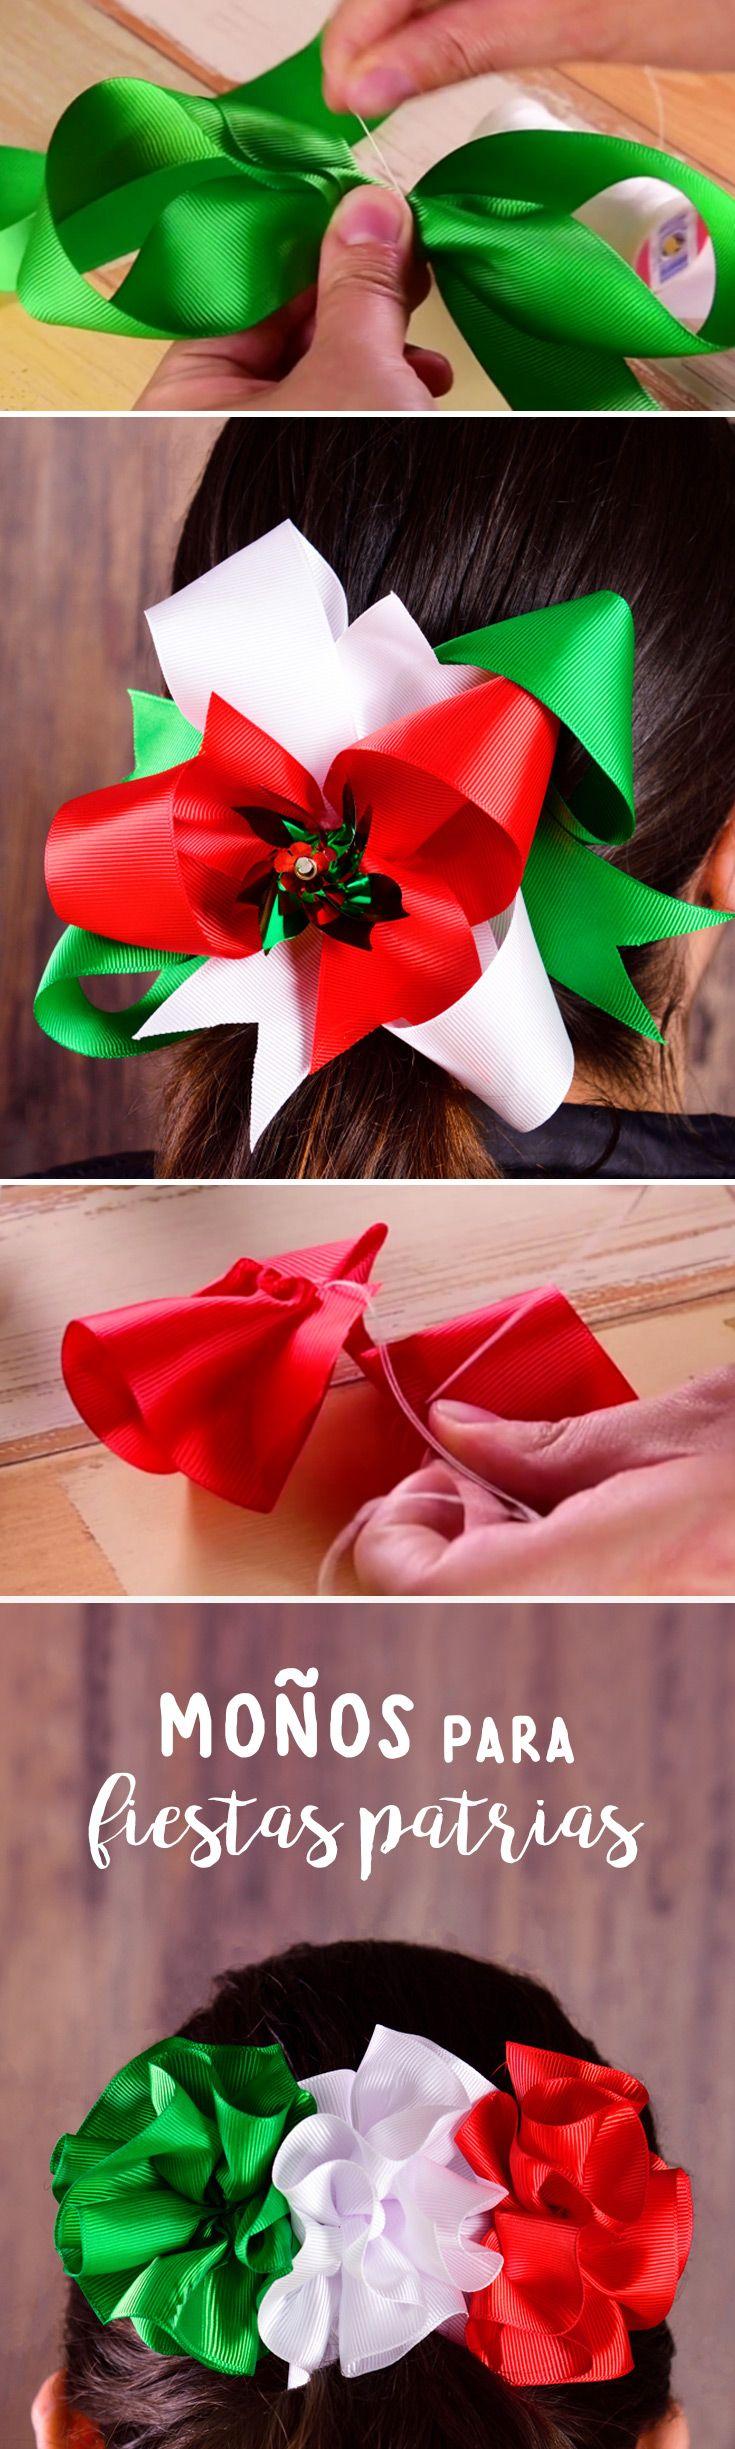 Sigue este paso a paso para elabora tu propio moño tricolor estas fiestas patrias, te sorprenderán los resultados. Corre a comprar los materiales.